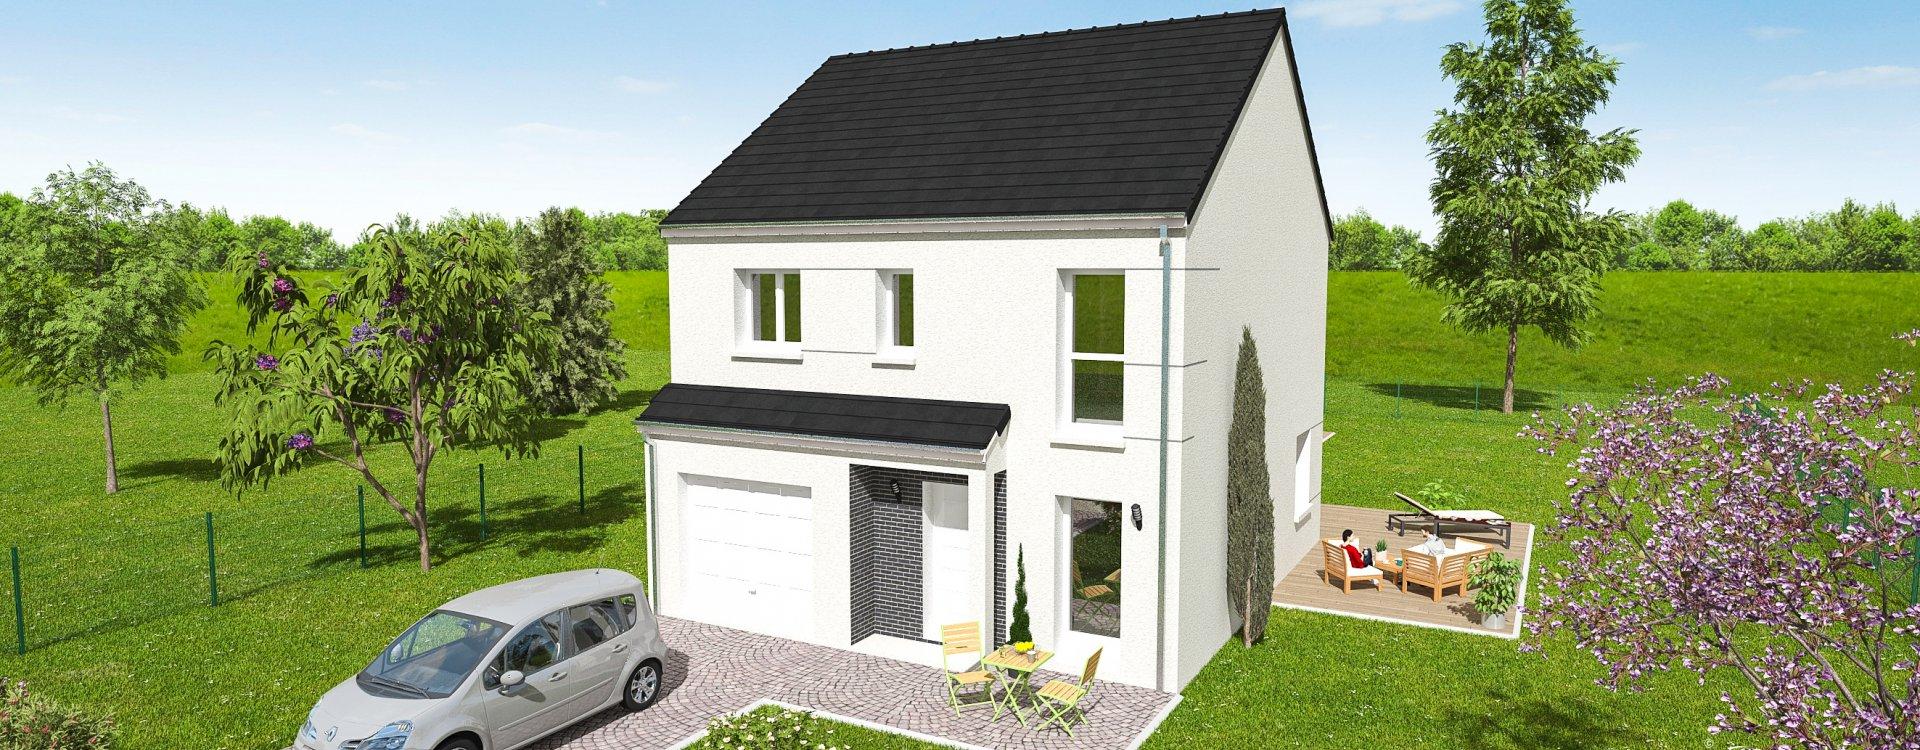 Maisons + Terrains du constructeur EASY HOUSE • 98 m² • CHATEAUNEUF SUR LOIRE